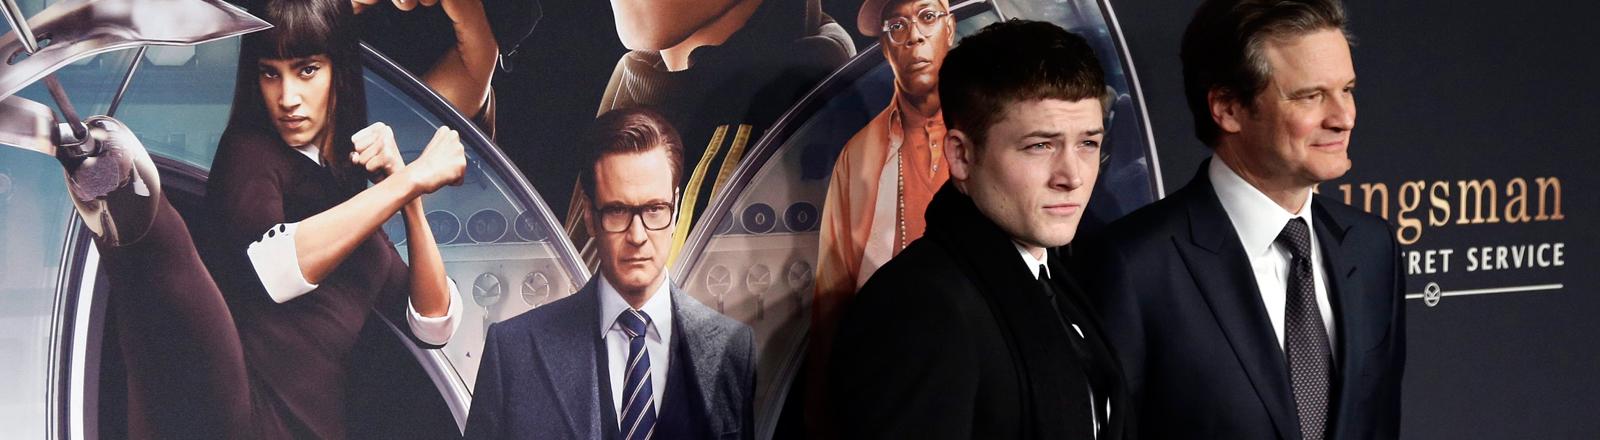 """Colin Firth und Taron Egerton bei einem Pressevent zum Film """"The Kingsman"""" am 09.02.2015."""